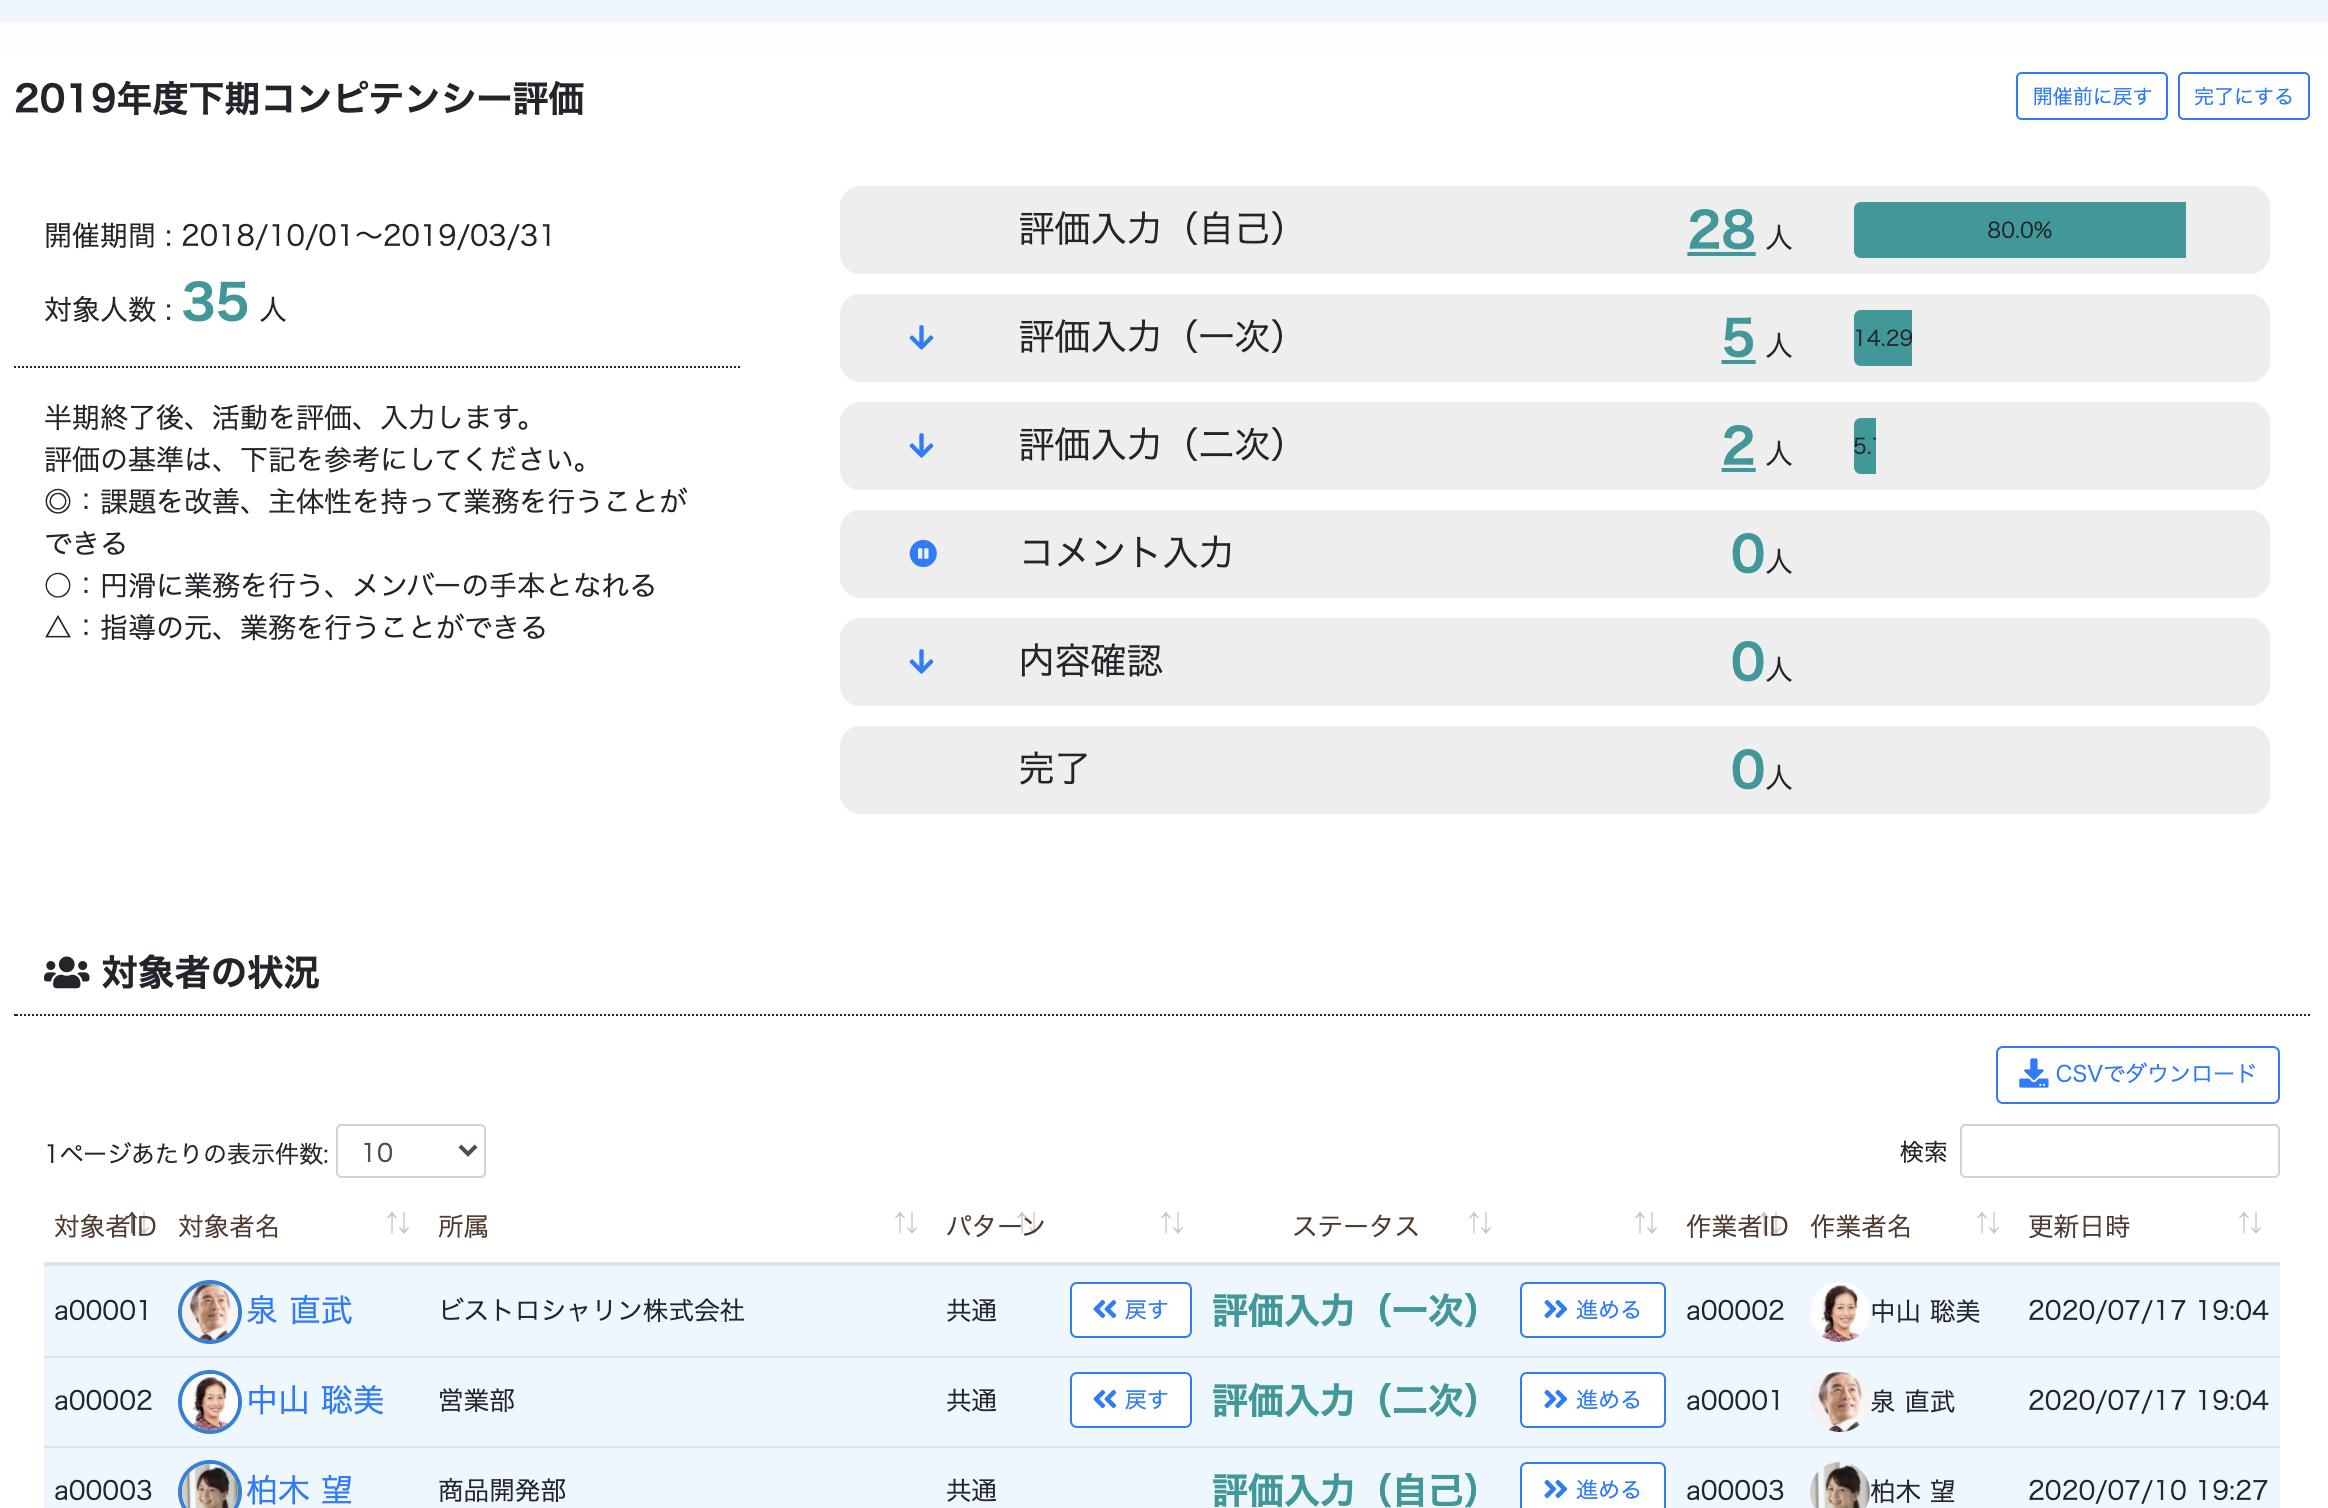 シナジーHR 評価ツール 個評価制度をラクラク運用